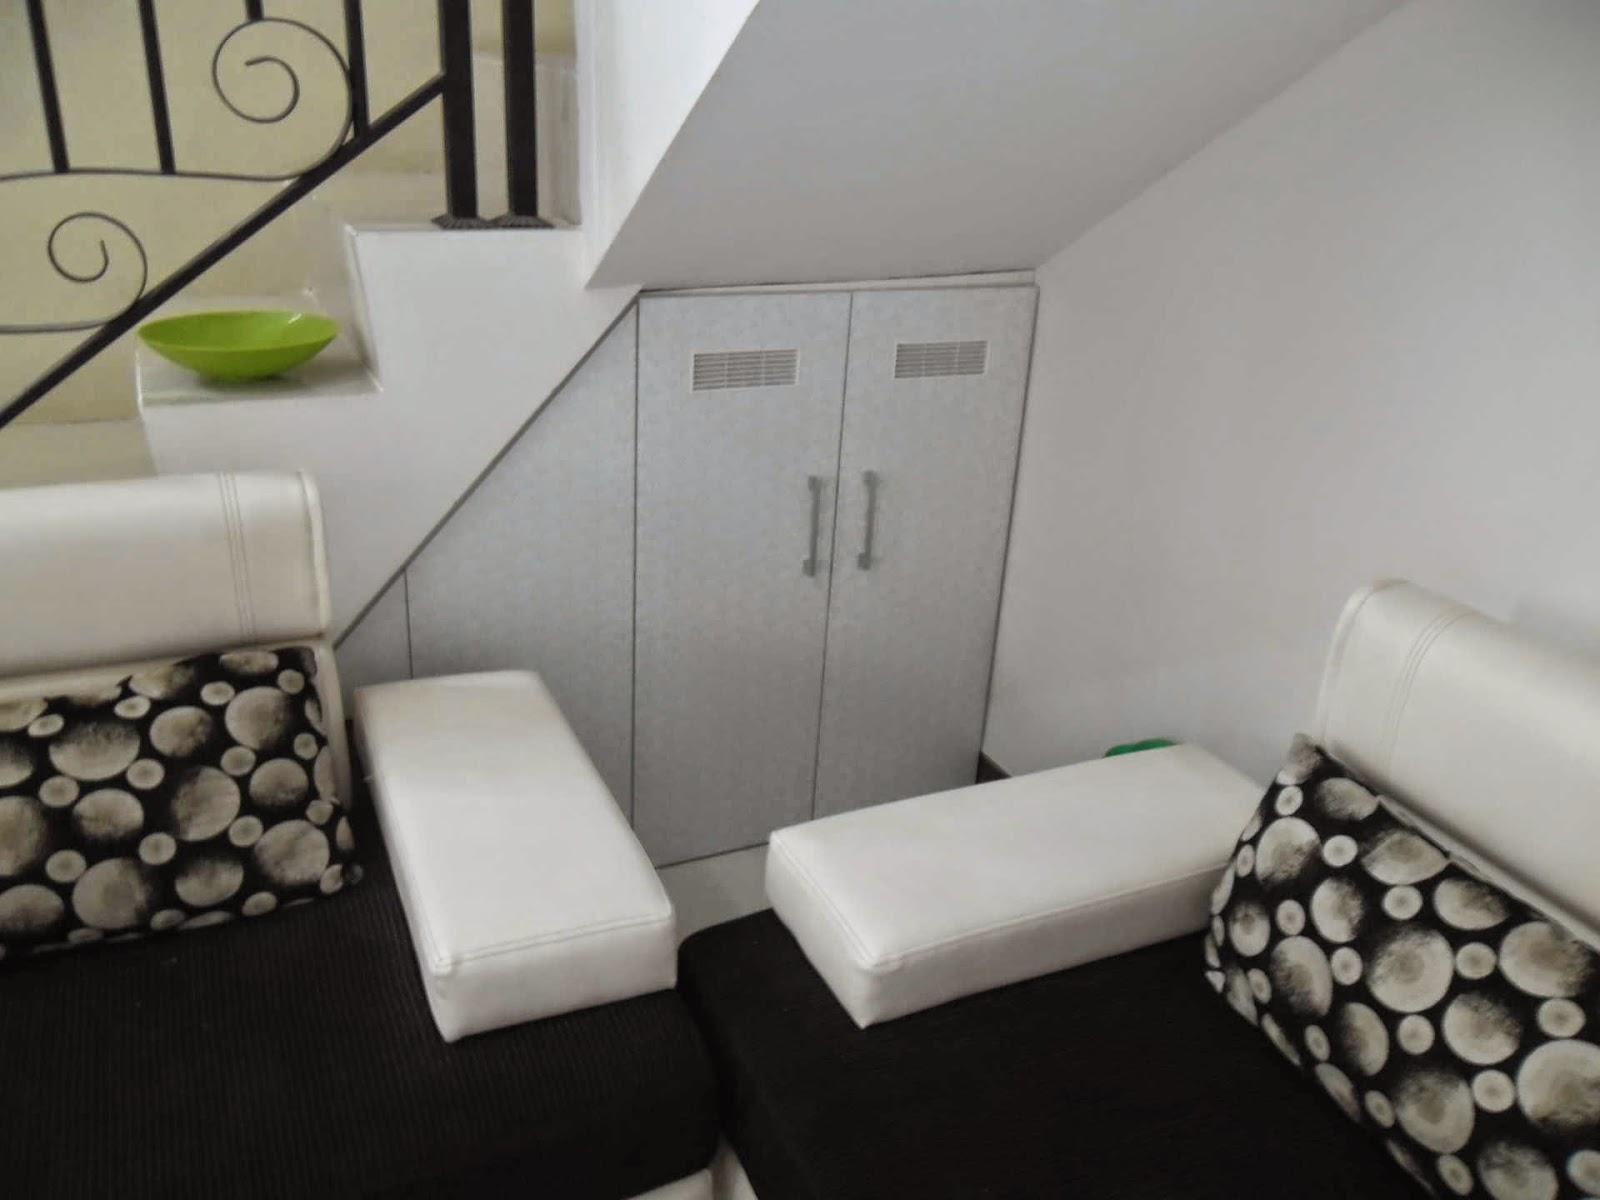 Storage - Almari bawah Tangga - Custom Furniture Kantor Semarang